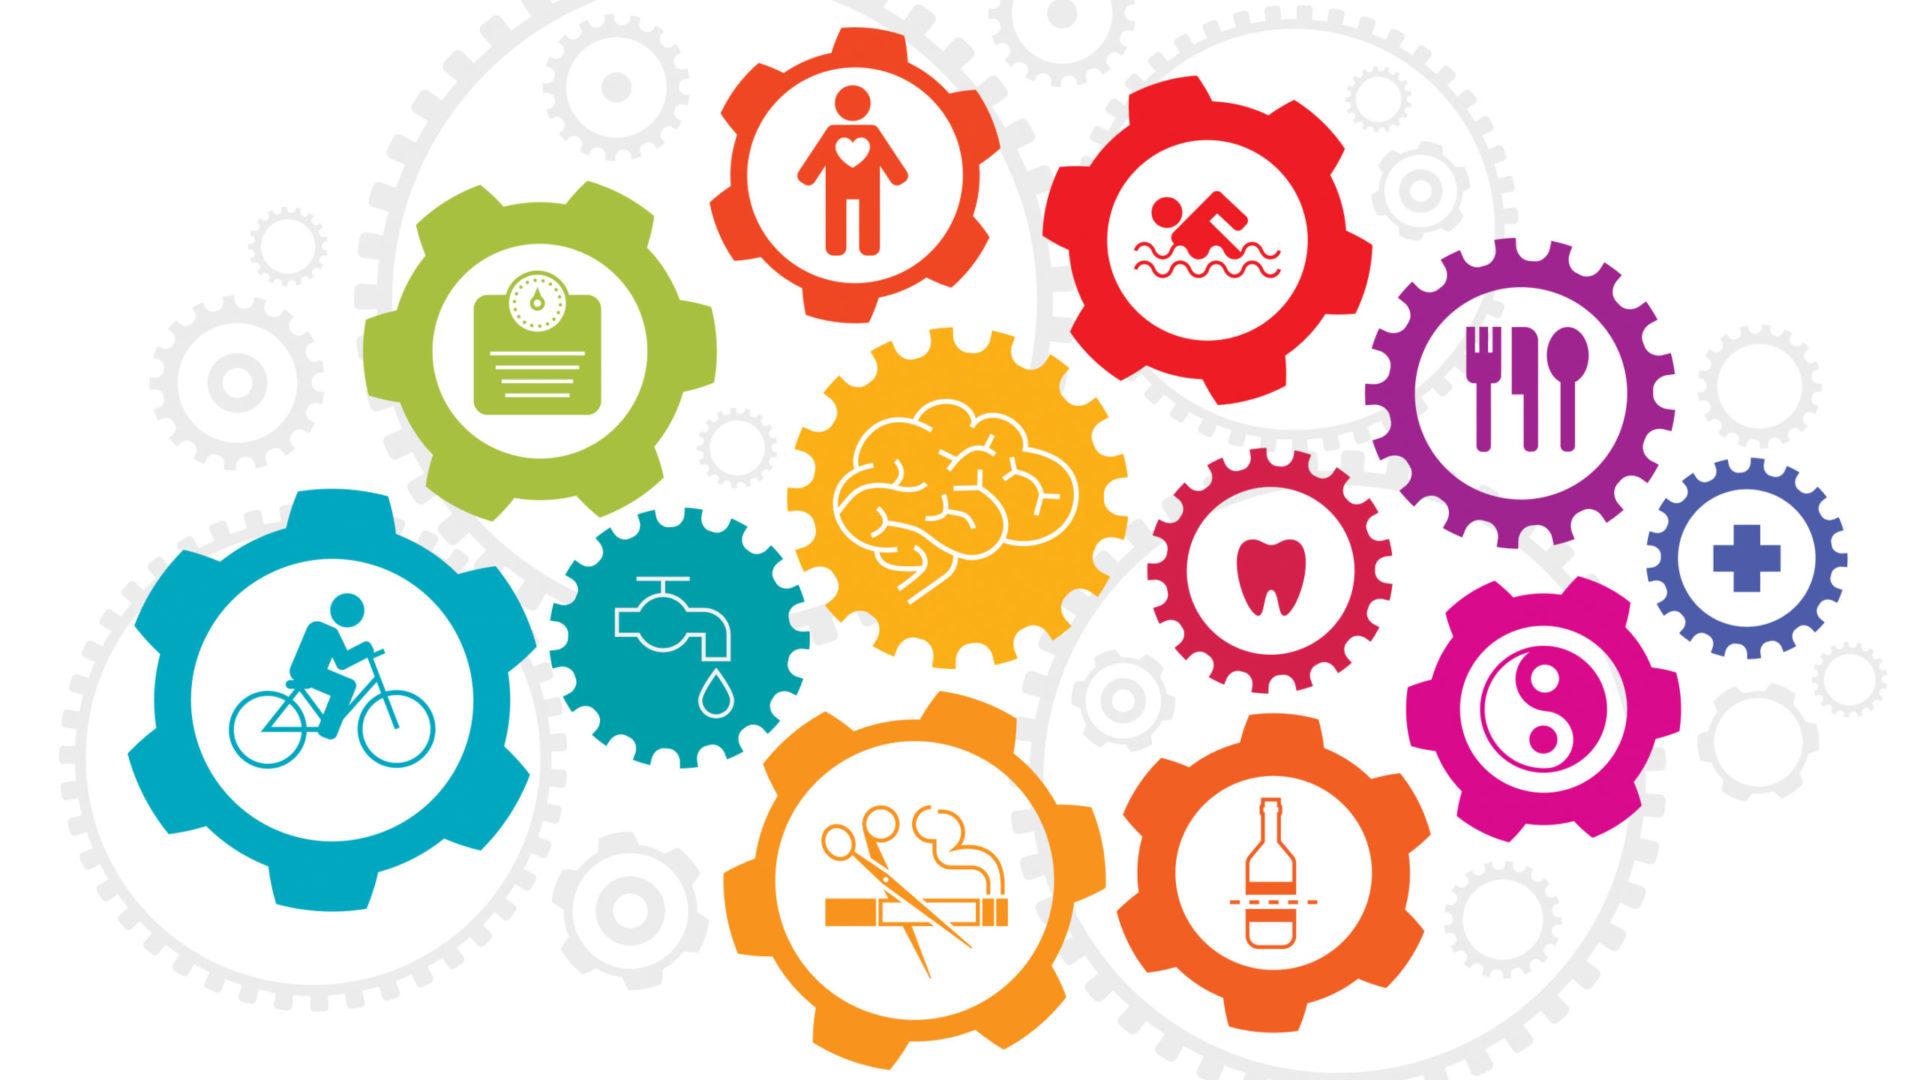 Gesundheitspsychologie: Beitrag zu Public Health?